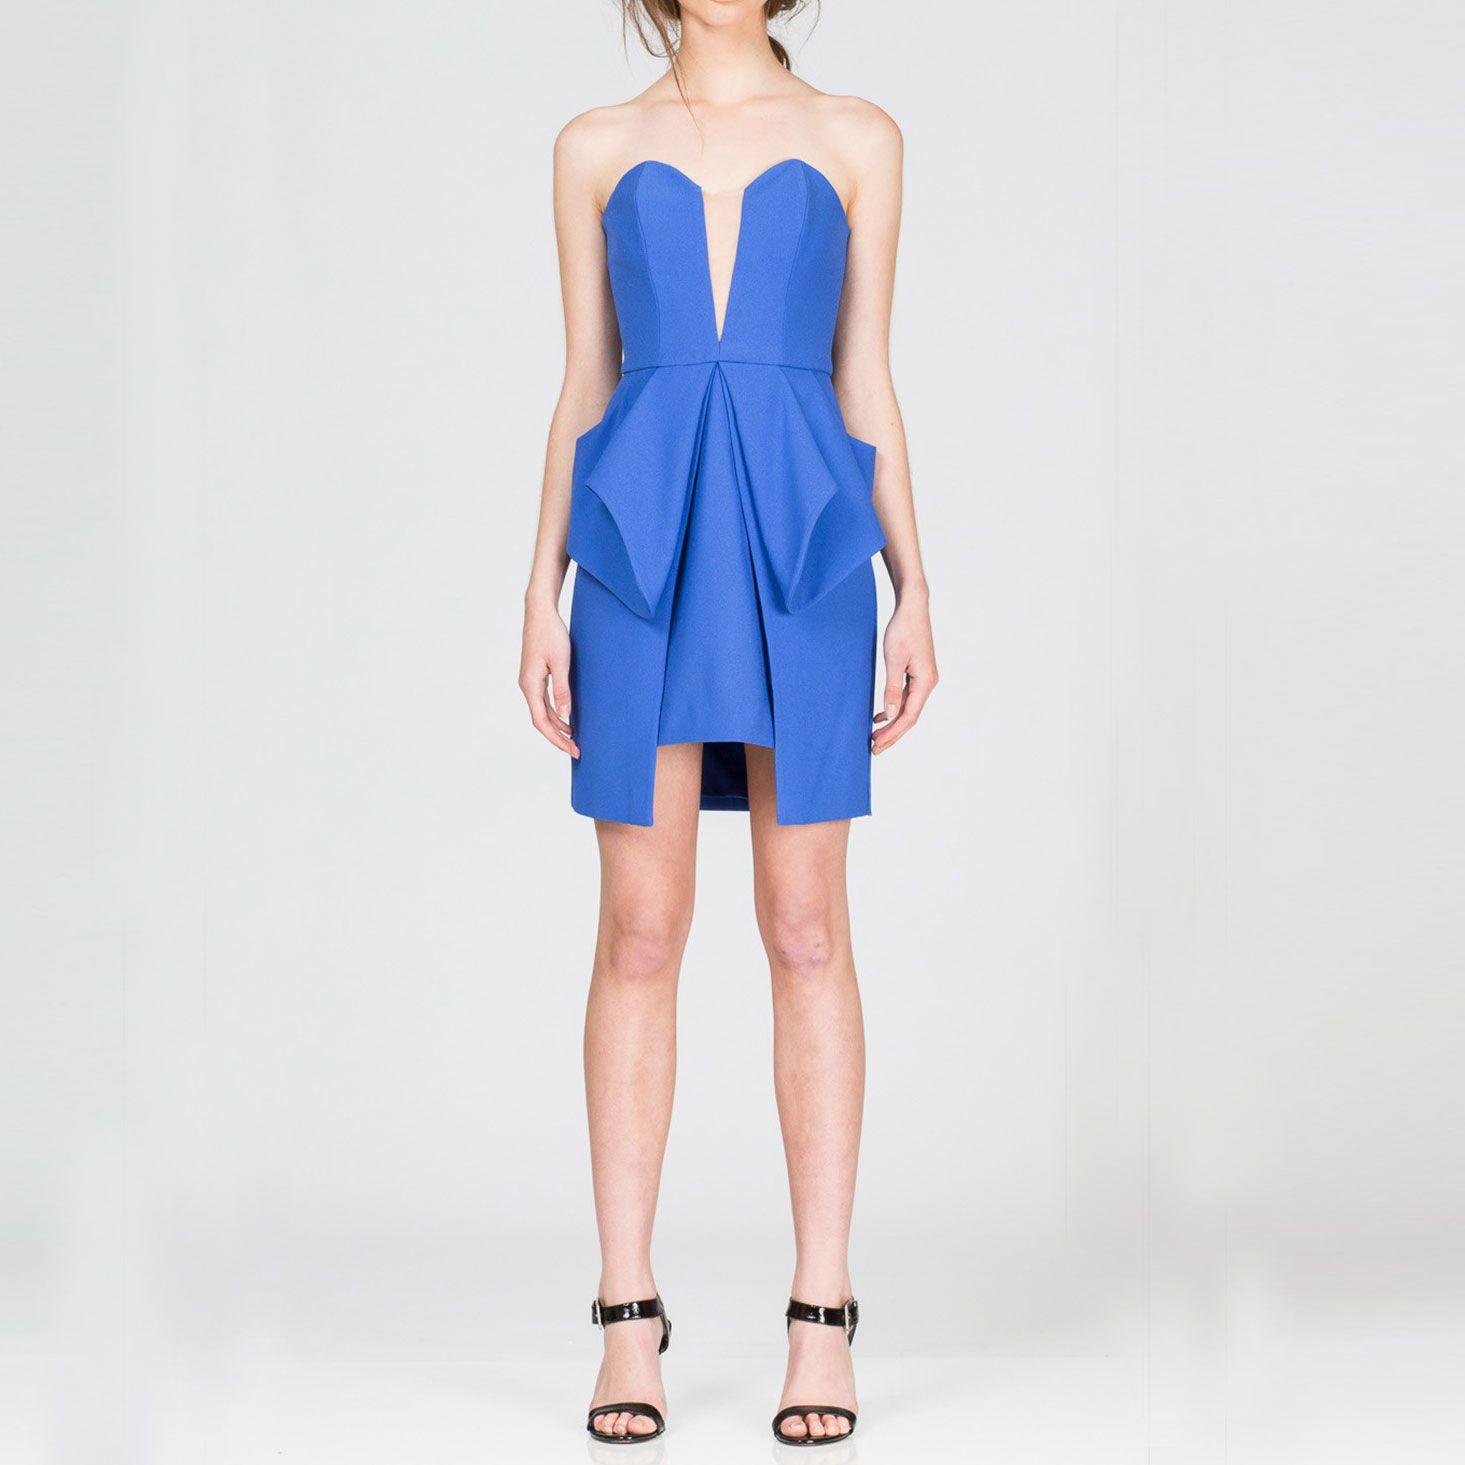 ナイトライト・ボディスドレス #Party #Wedding #Dress #Blue